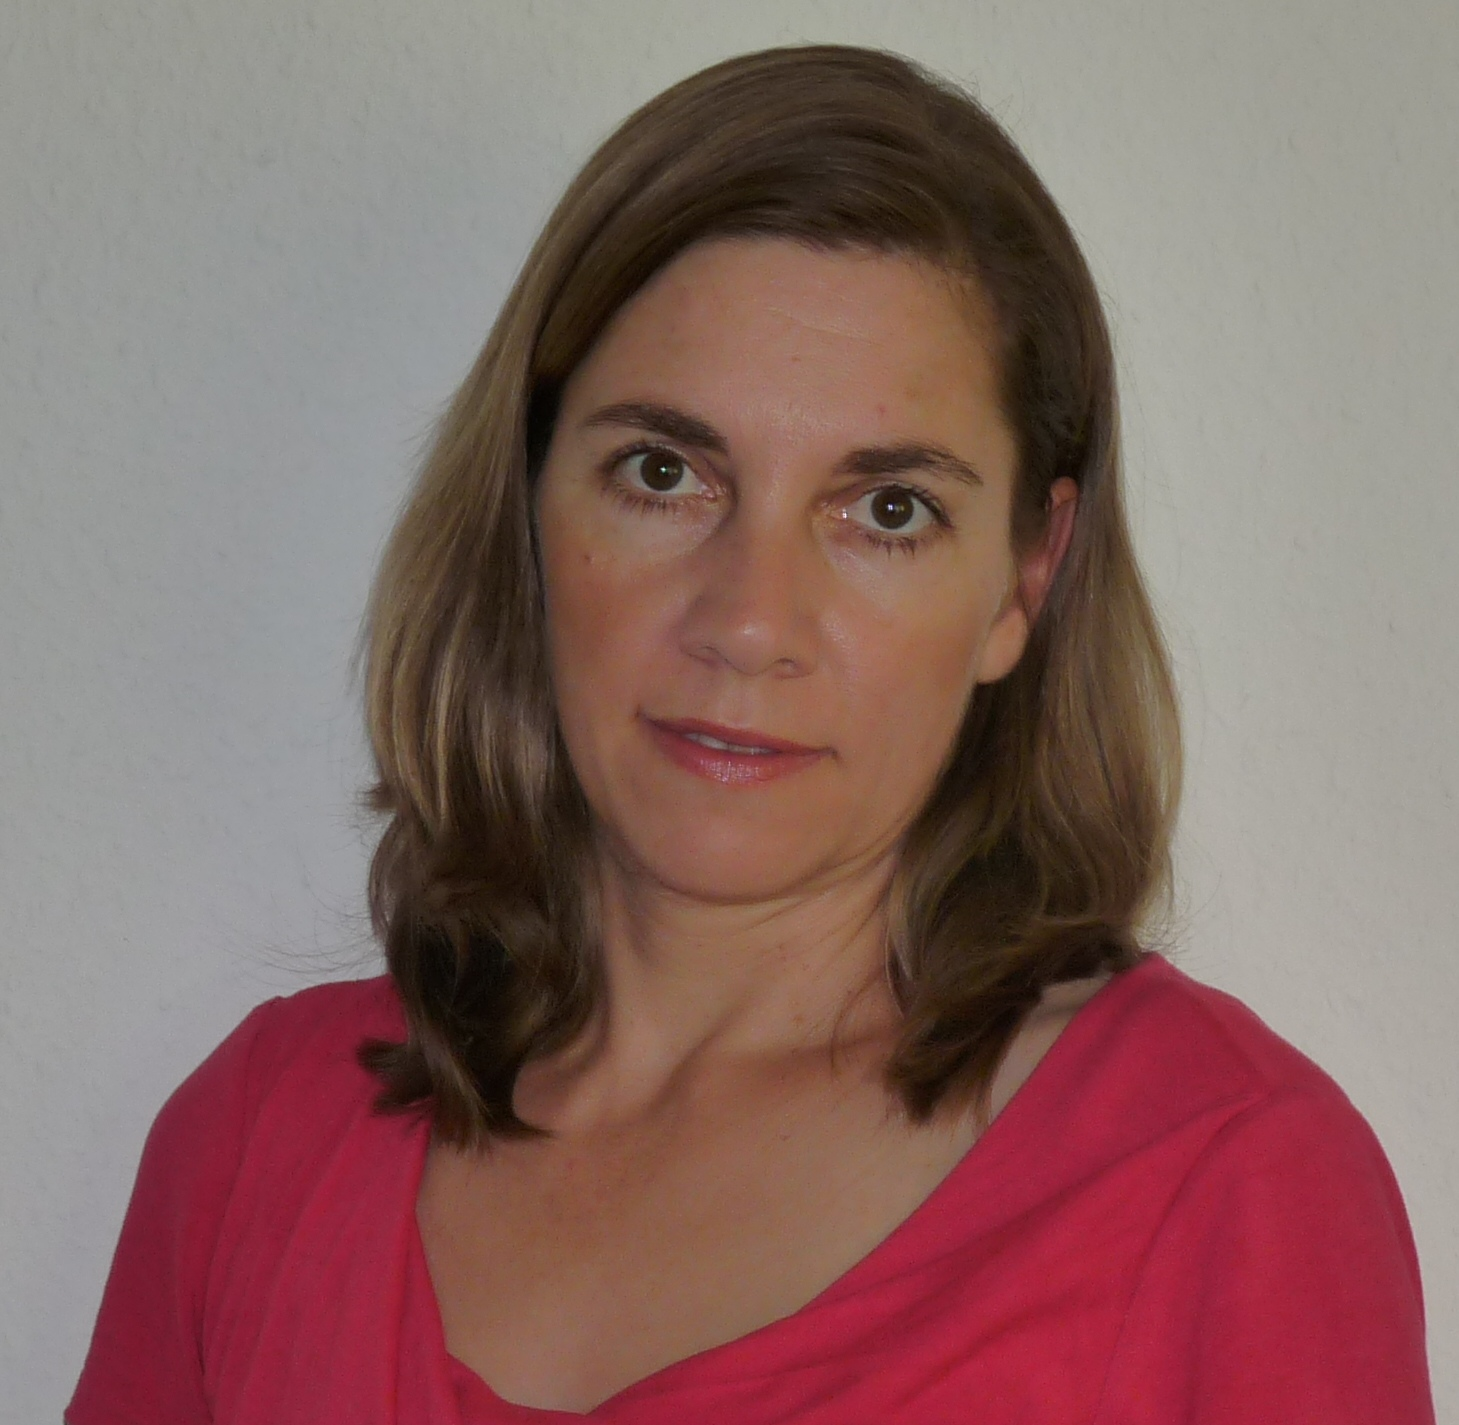 Stefanie Franosz